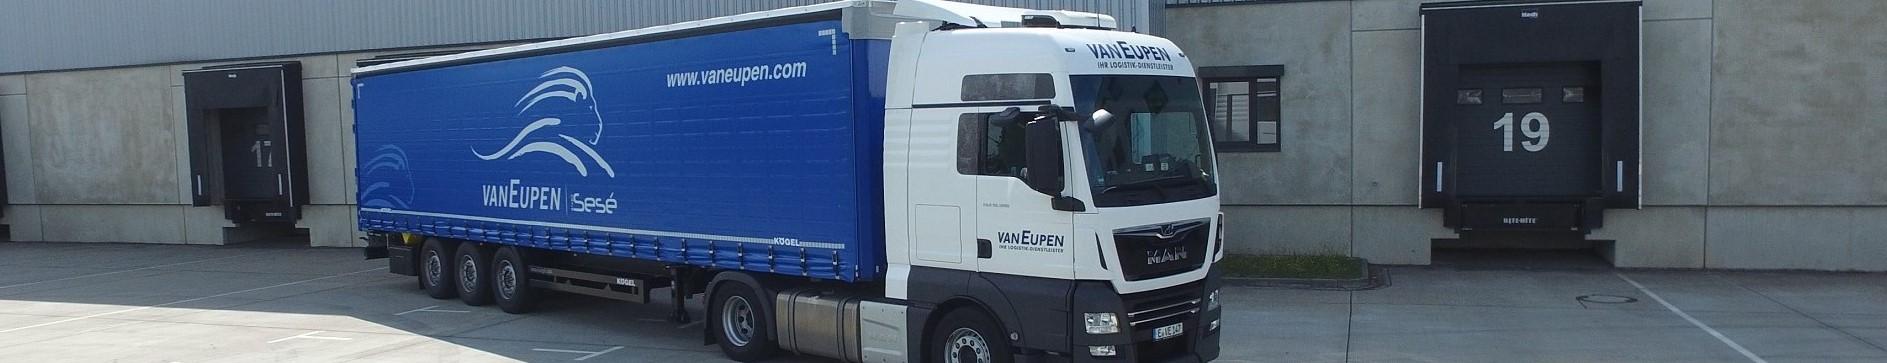 Van Eupen News